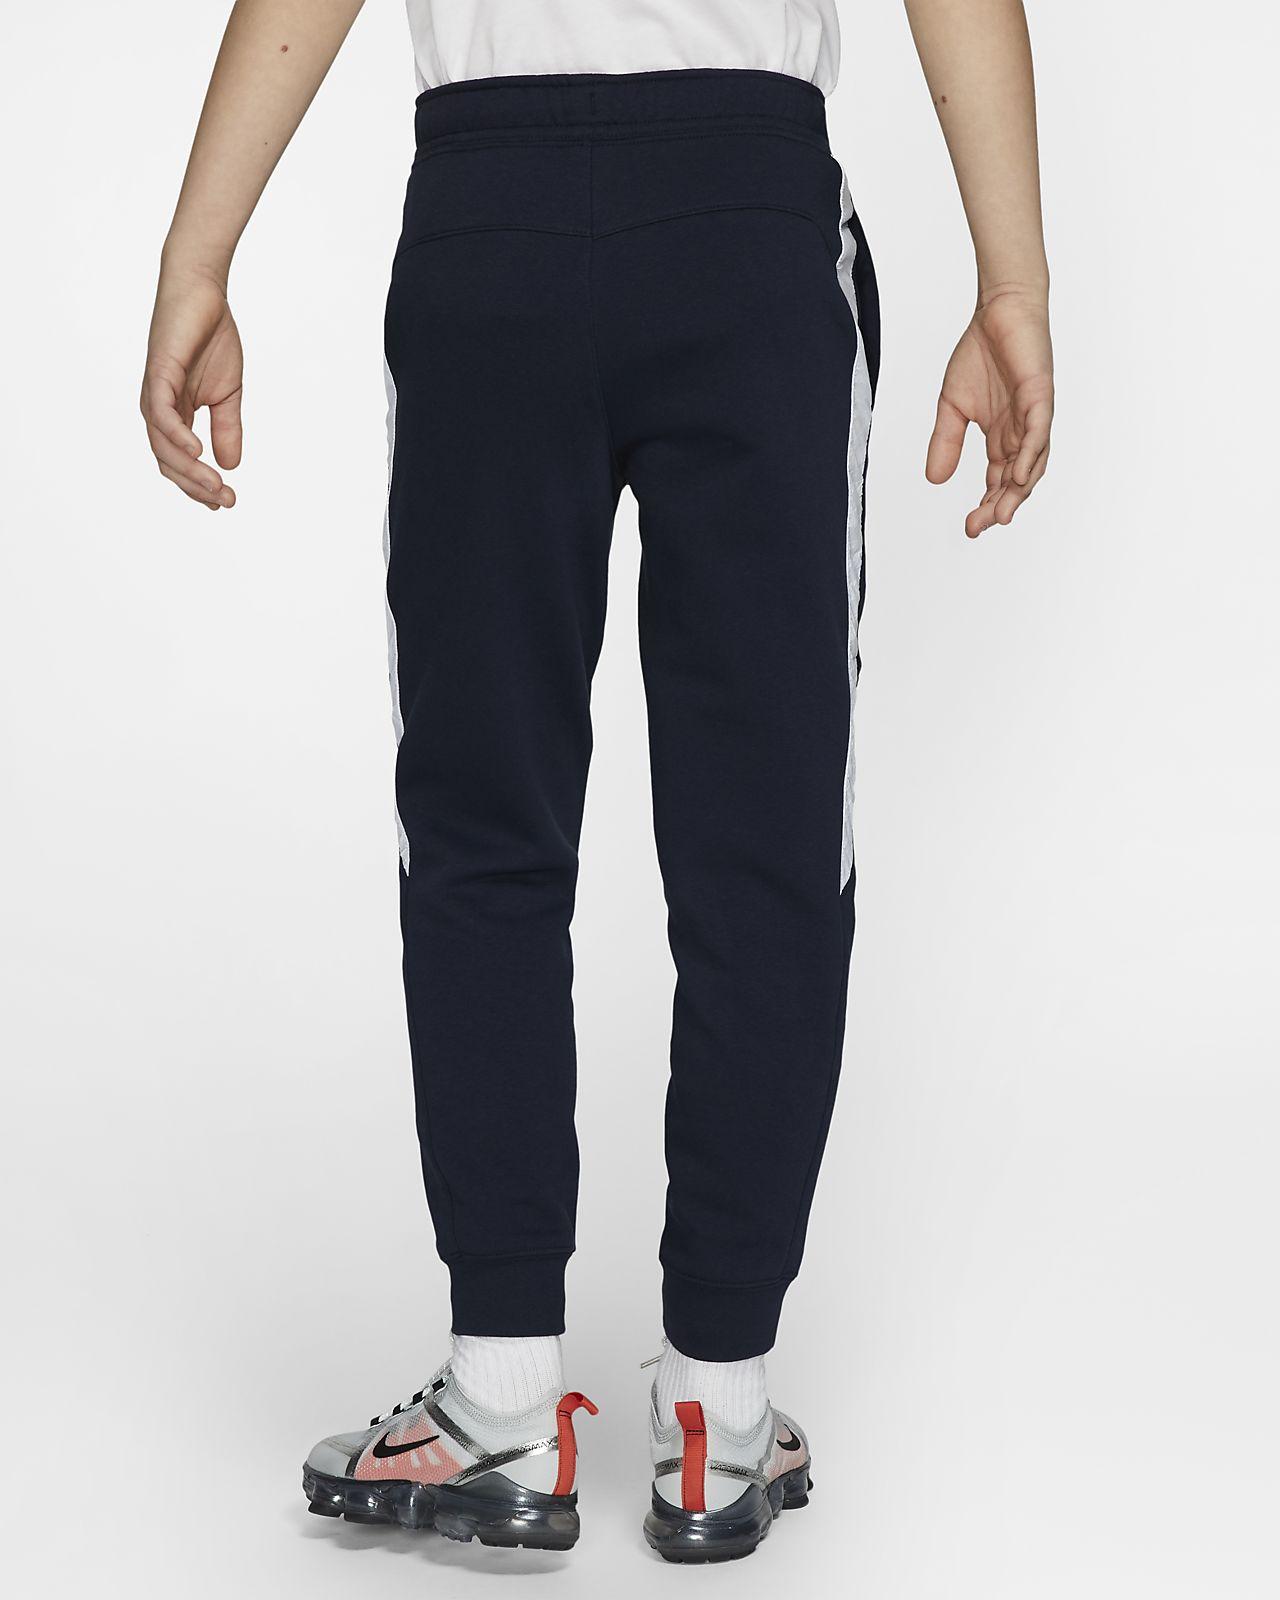 baf96475f75a2 Pantalon de jogging Nike Sportswear pour Enfant plus âgé. Nike.com FR